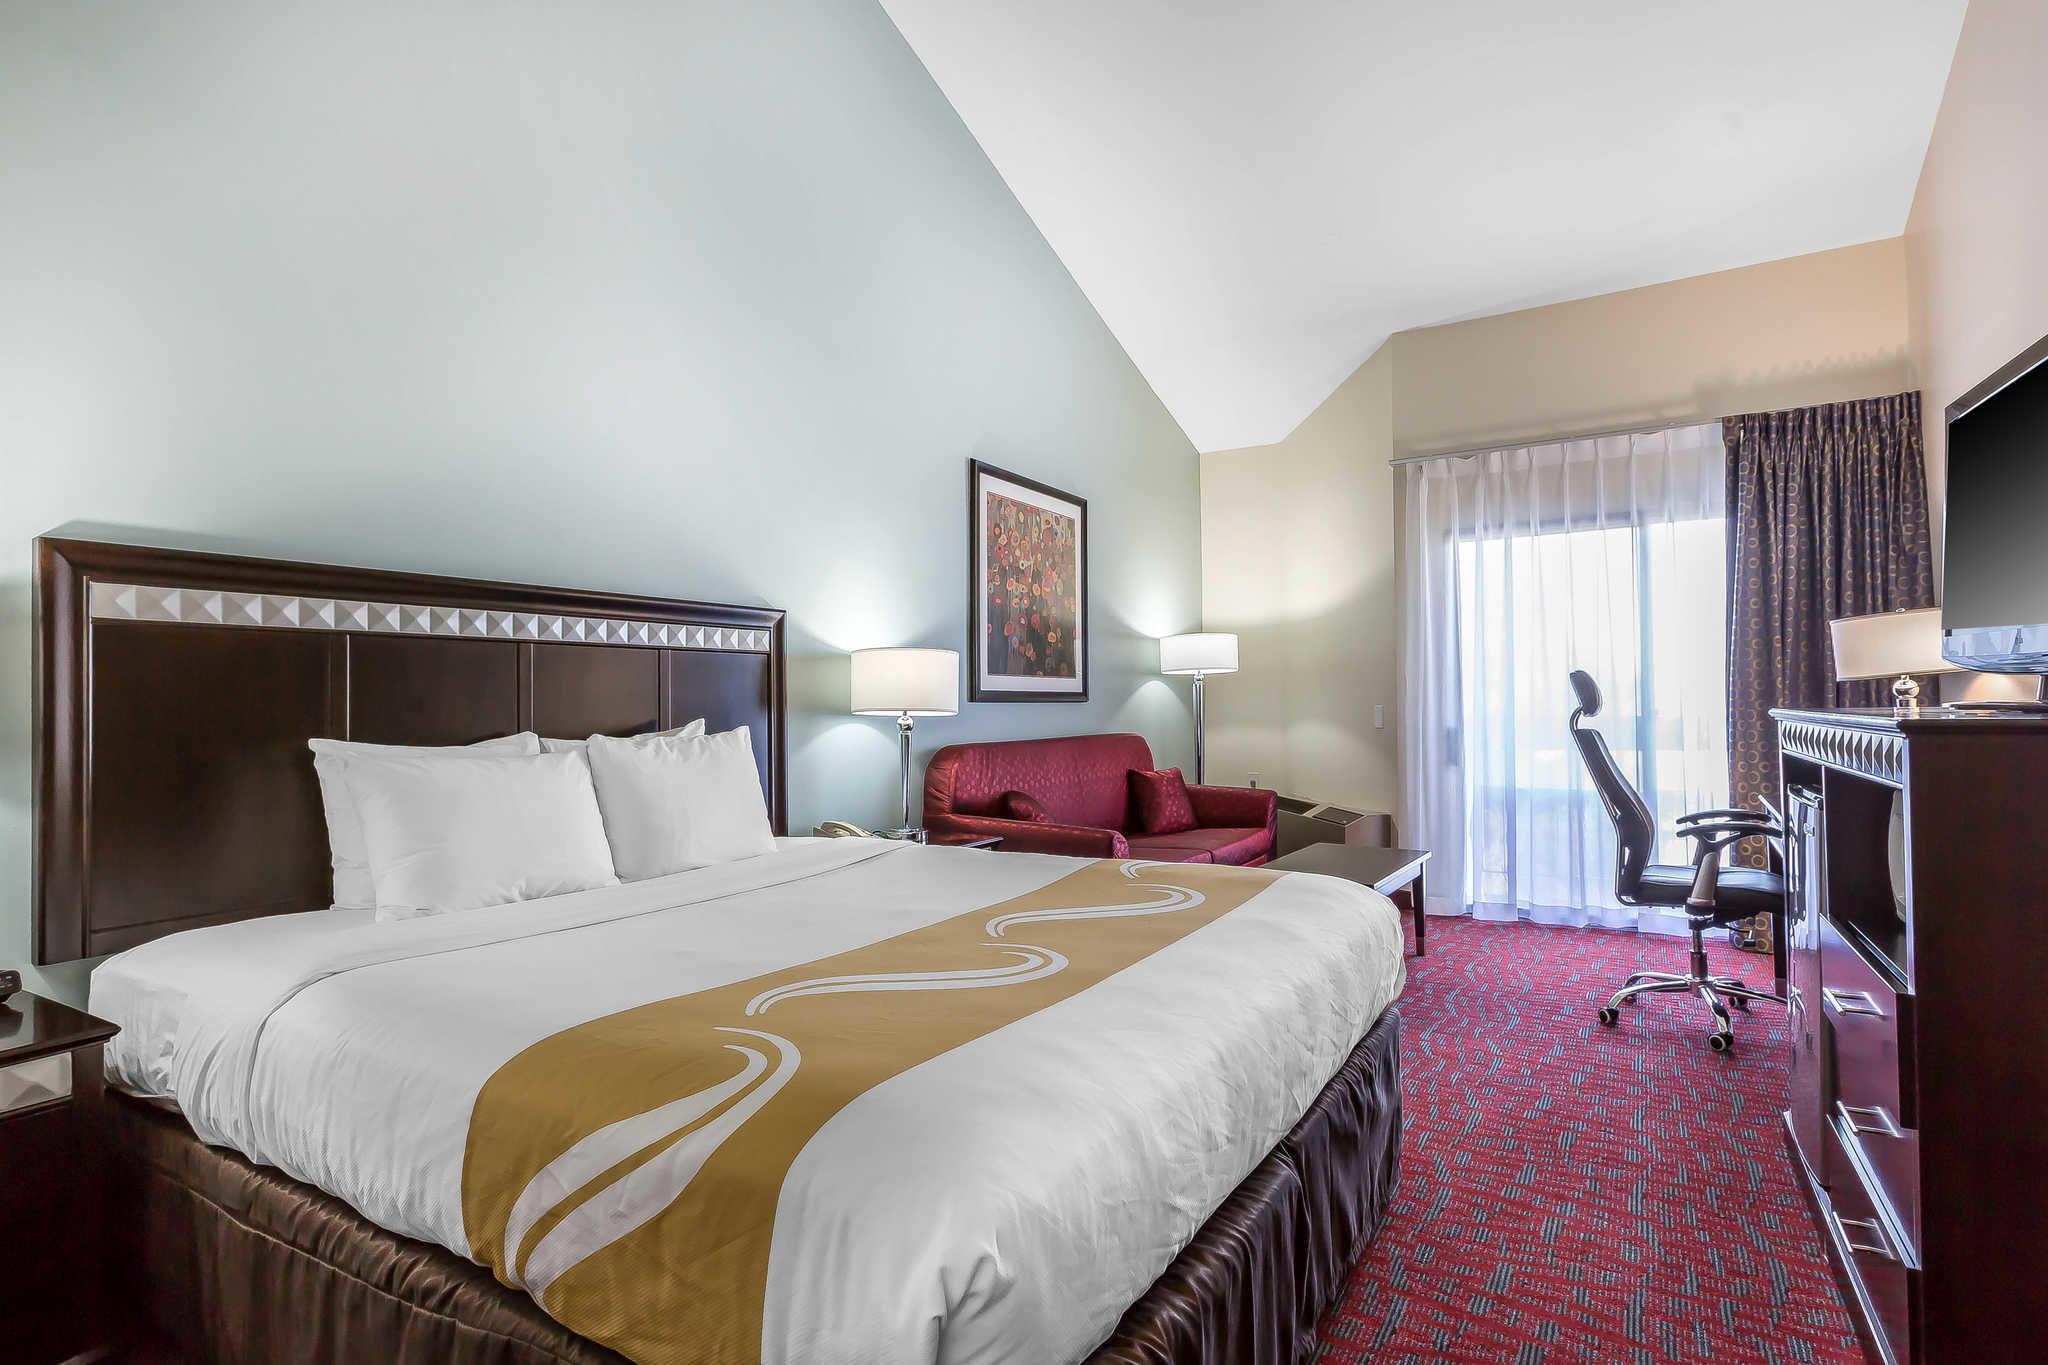 Quality Inn & Suites Irvine Spectrum image 31